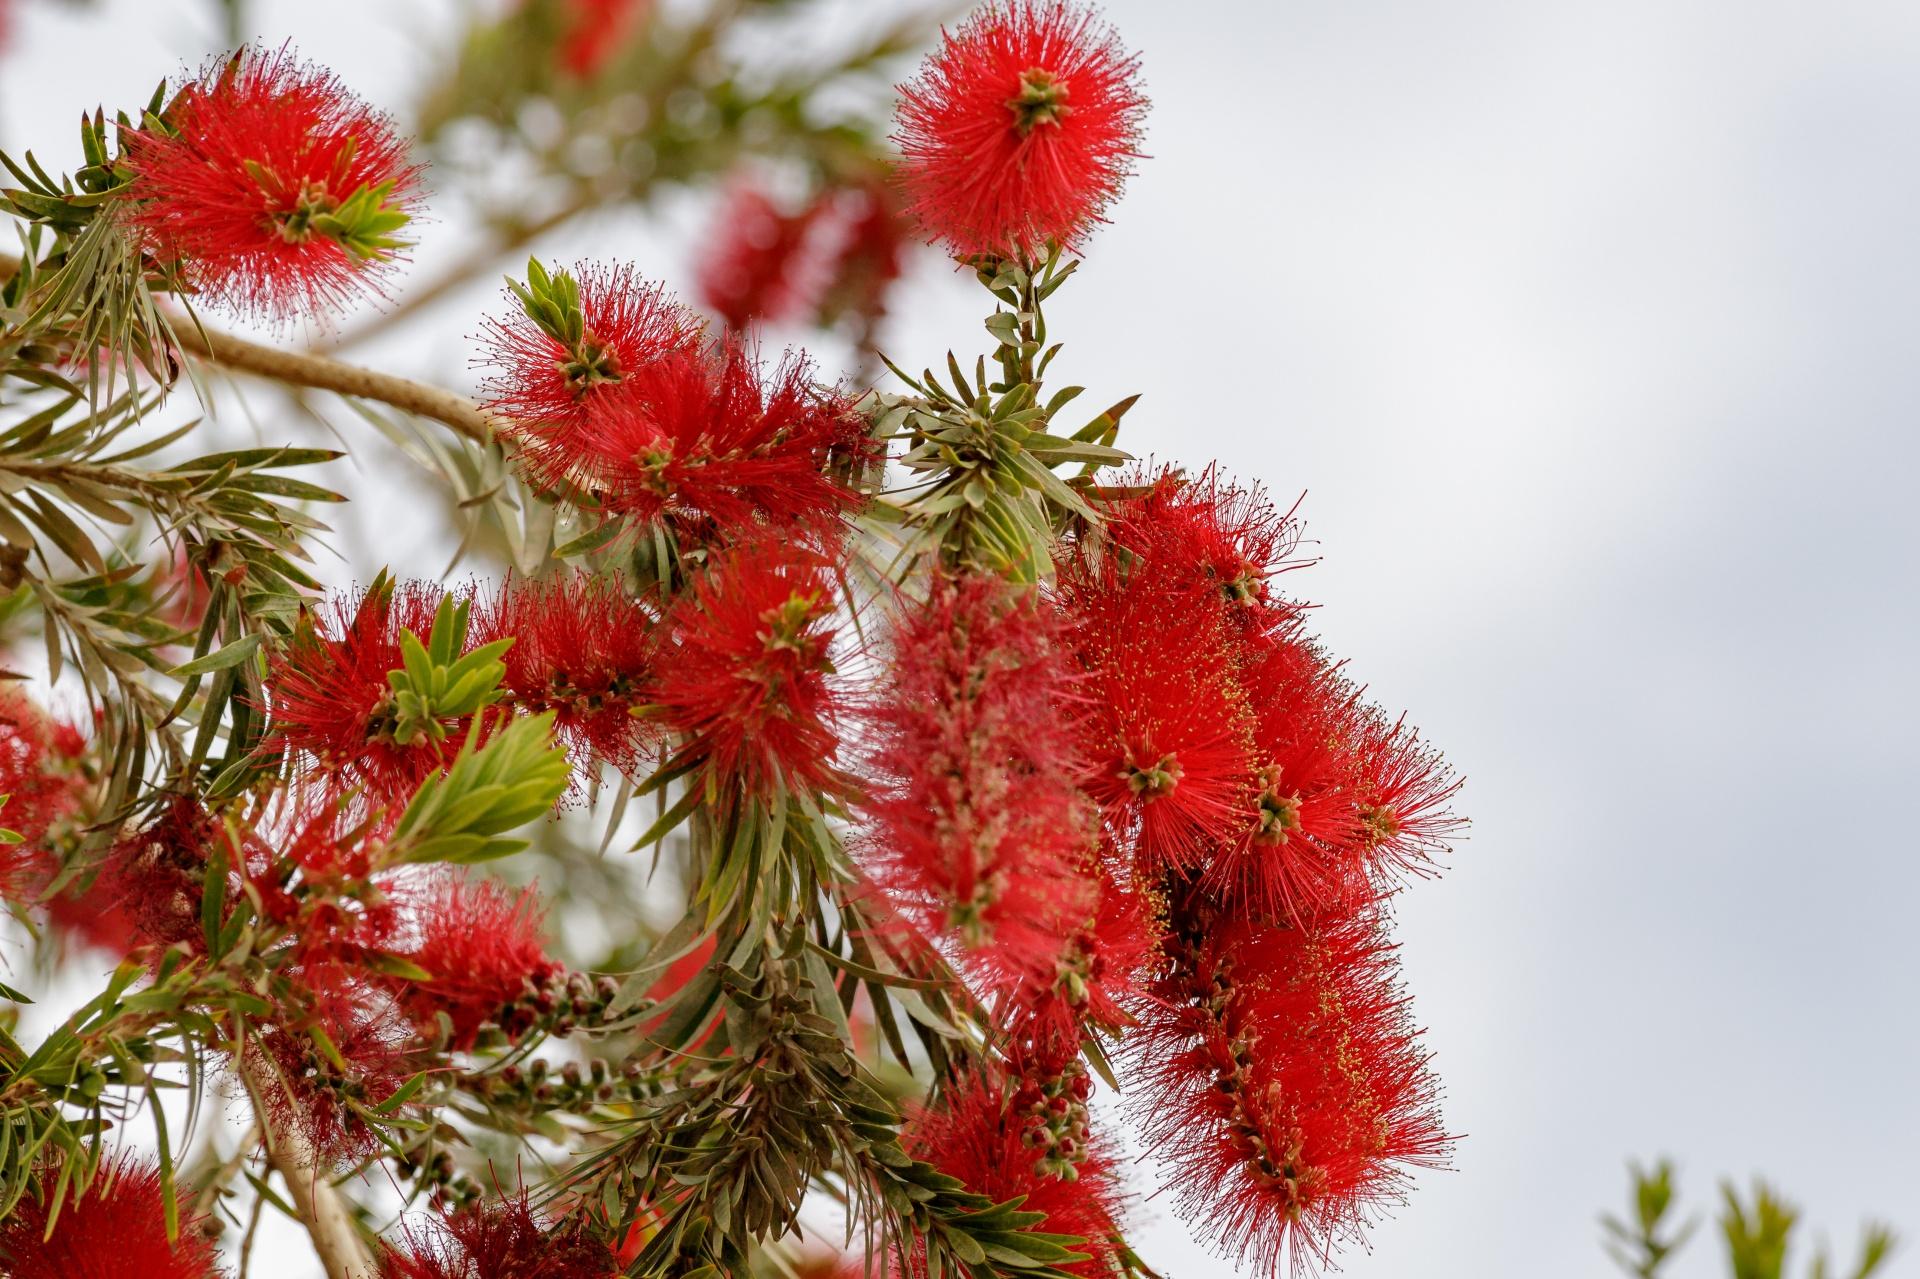 El Callistemon viminalis es un árbol con ramas colgantes